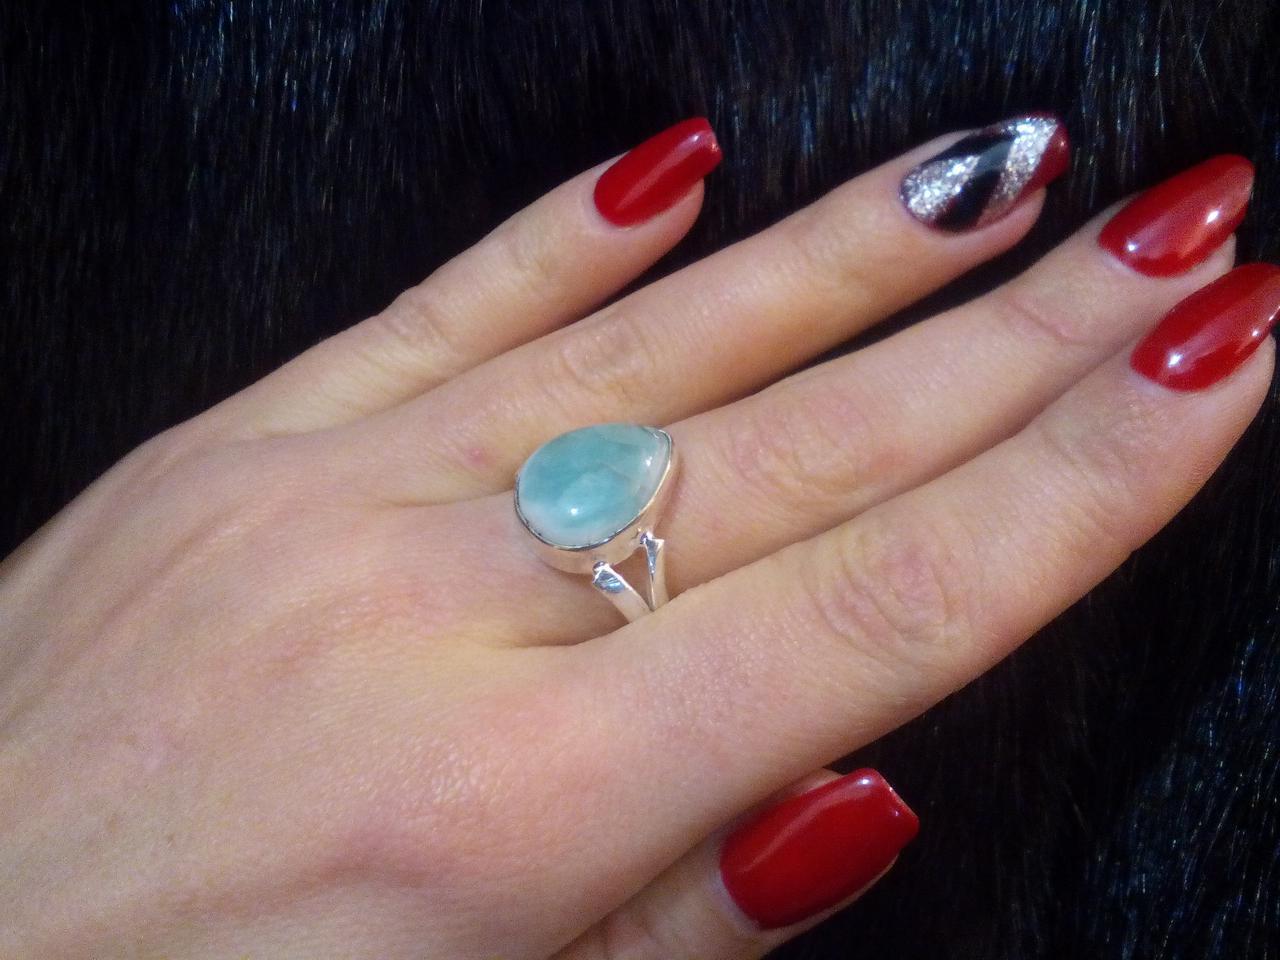 Натуральный ларимар кольцо капля с  натуральным камнем ларимар (Доминикана) в серебре 20-21 размер.